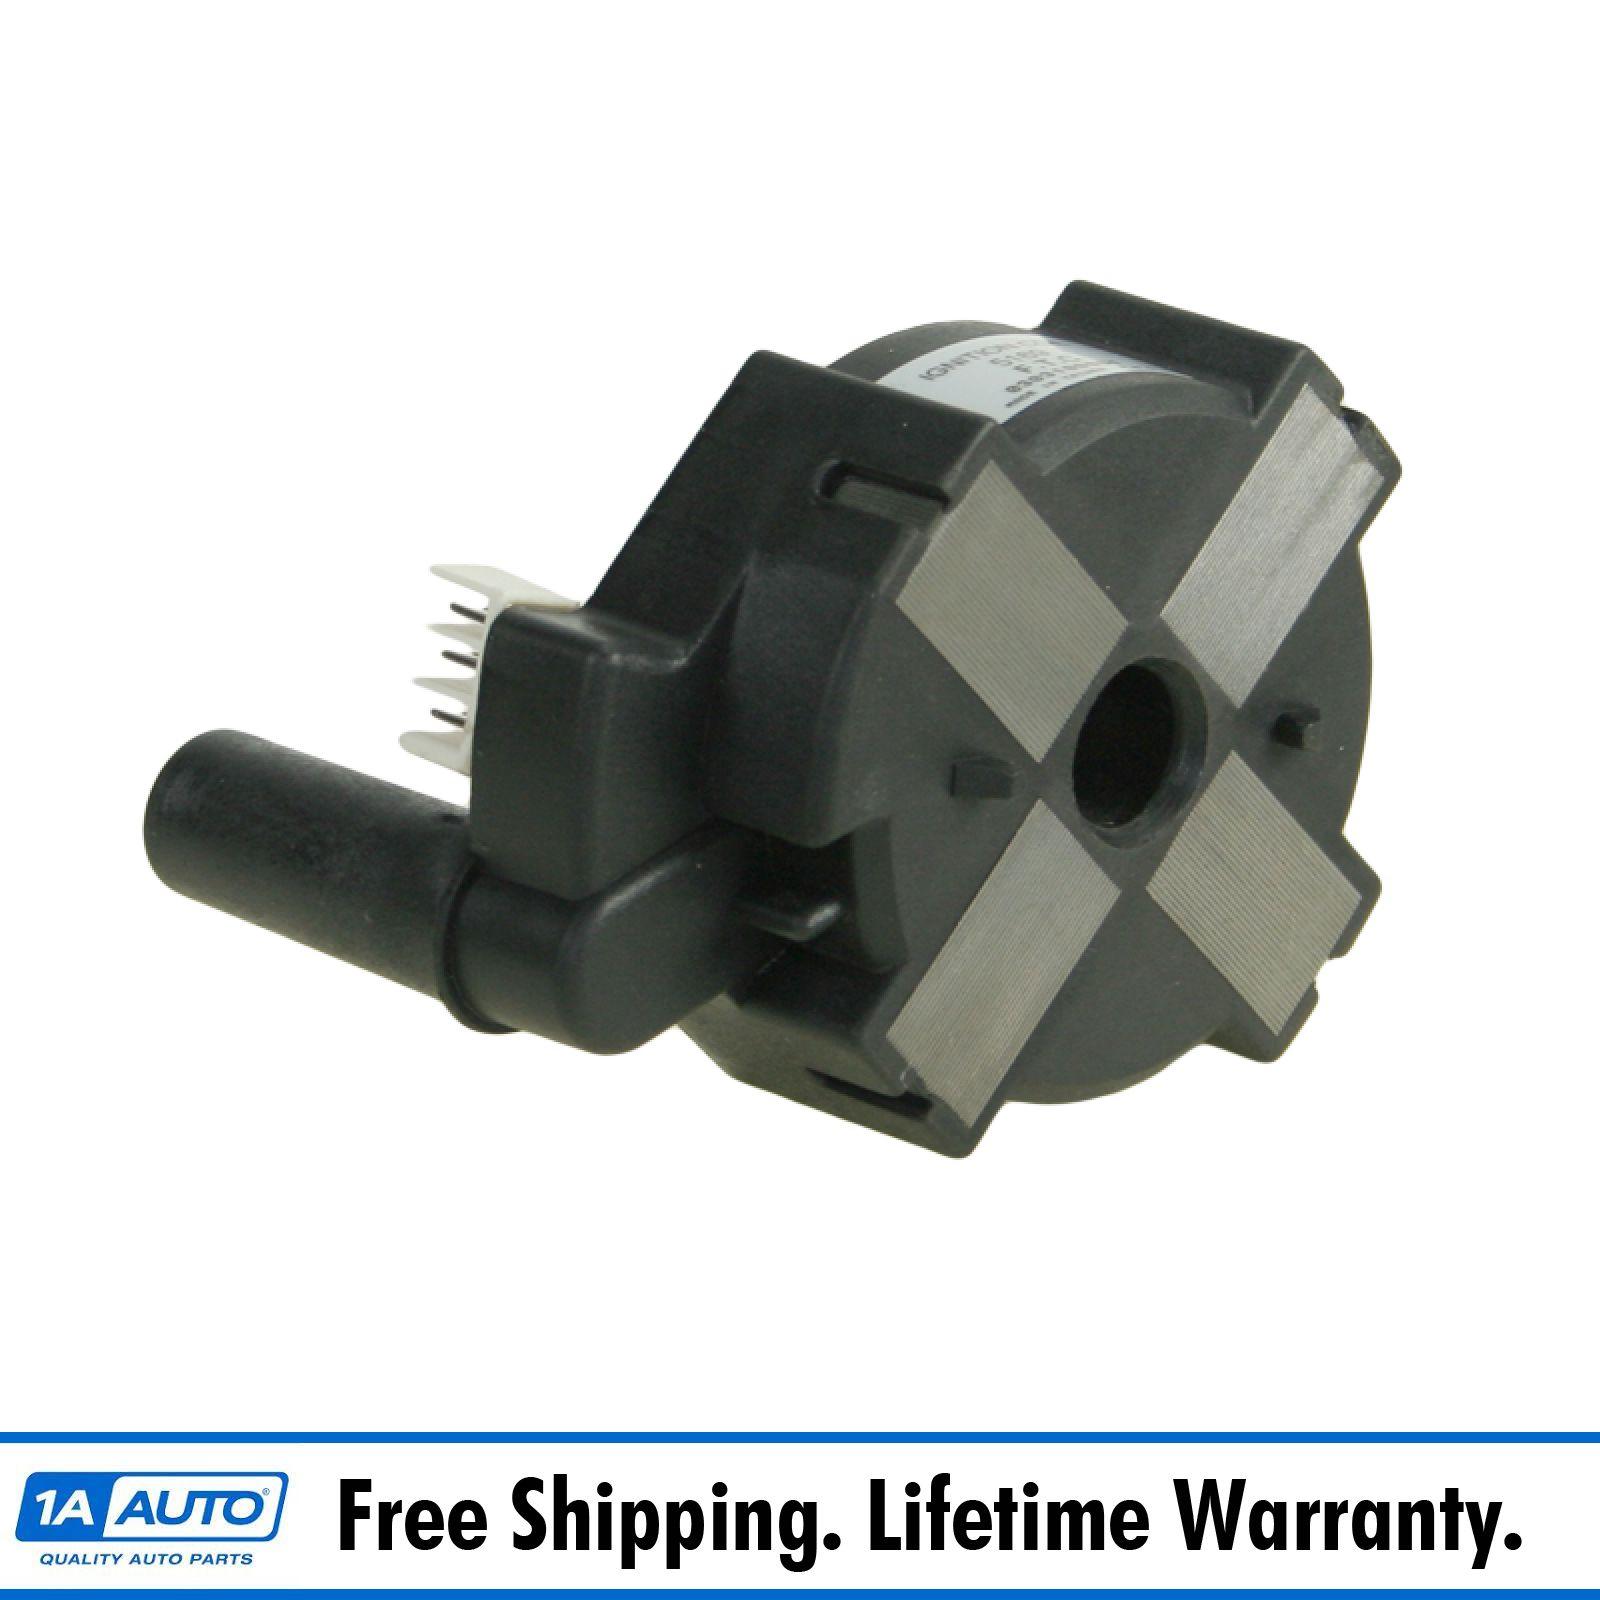 OEM Quality Ignition Coil for Ford Probe// Mazda 626 MPV MX-3 MX-6 Millenia V6